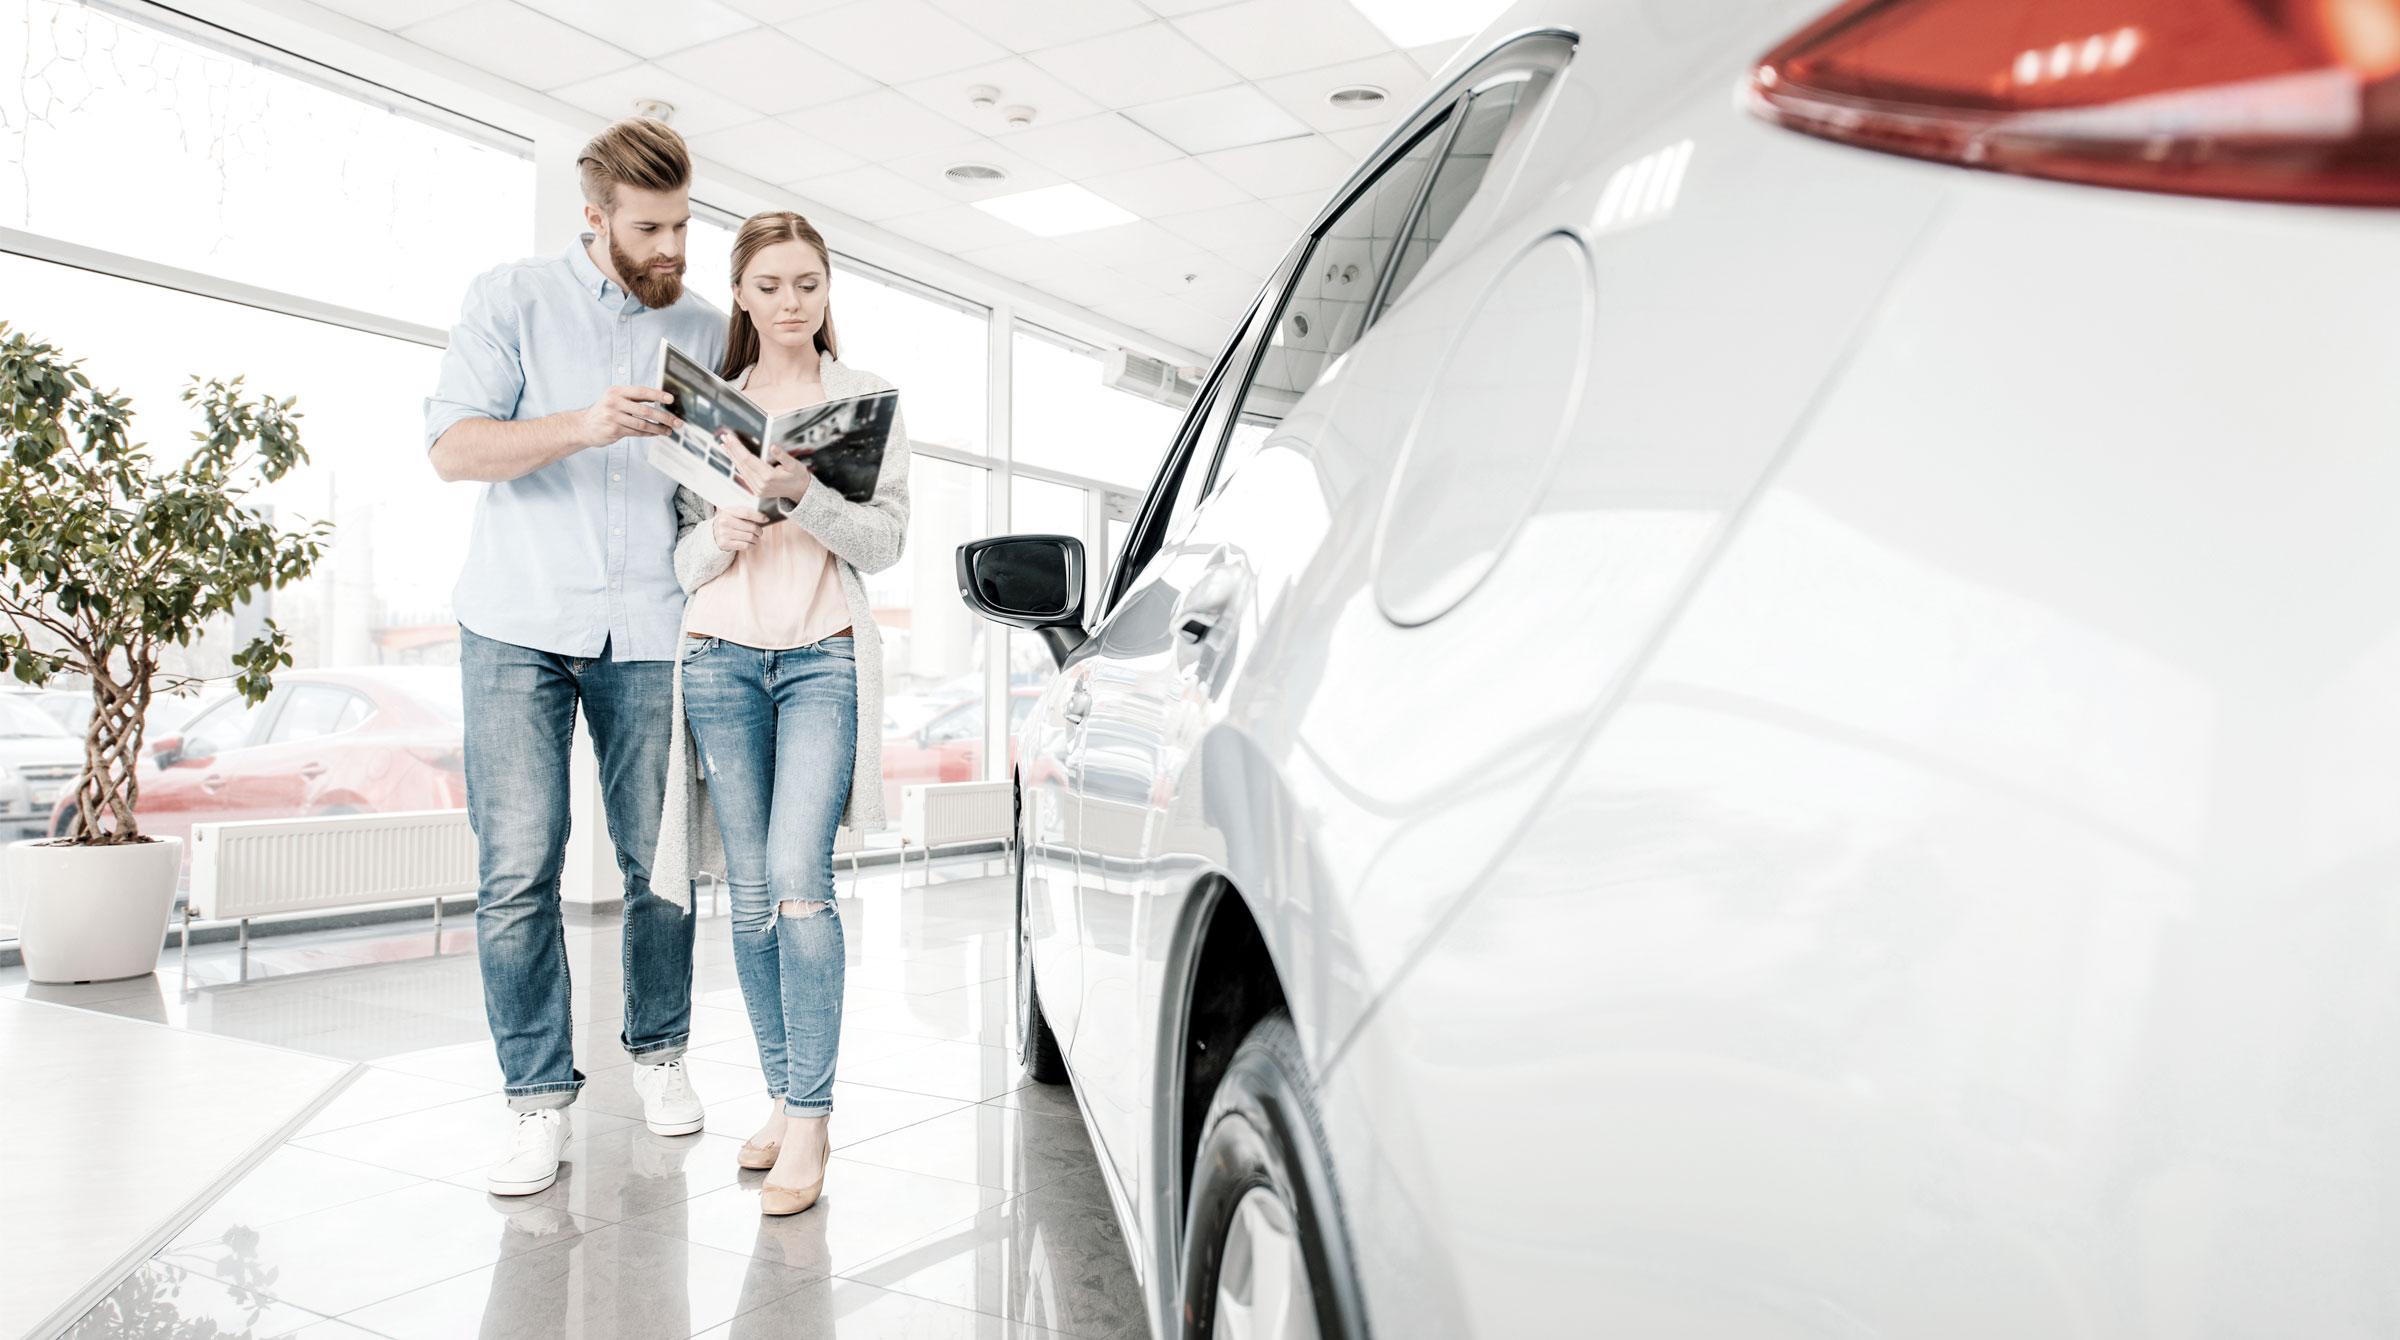 Alles, was Sie zum Thema Autofinanzierung wissen sollten